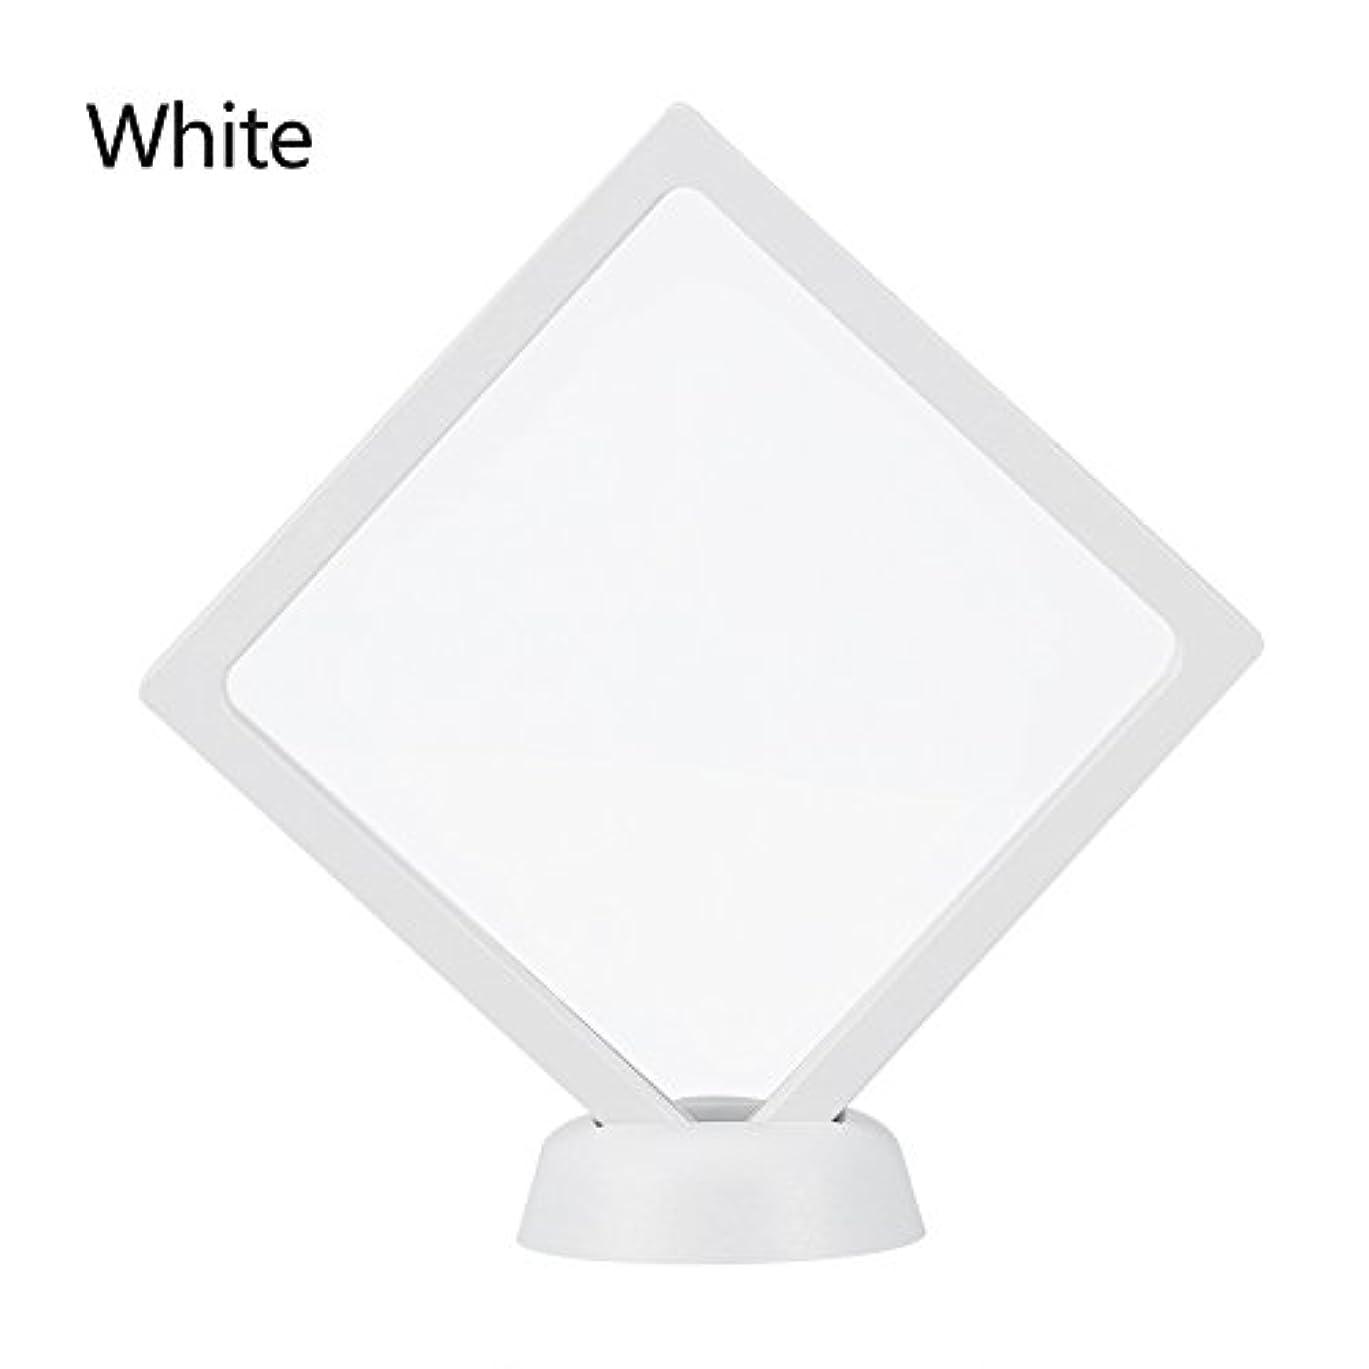 酸窓を洗う瞳アクリルネイルプレートとPETフィルムディスプレイスクリーン付きの2つのダイヤモンドネイルディスプレイスタンド - 4.3 4.3インチネイルホルダーツール(White)